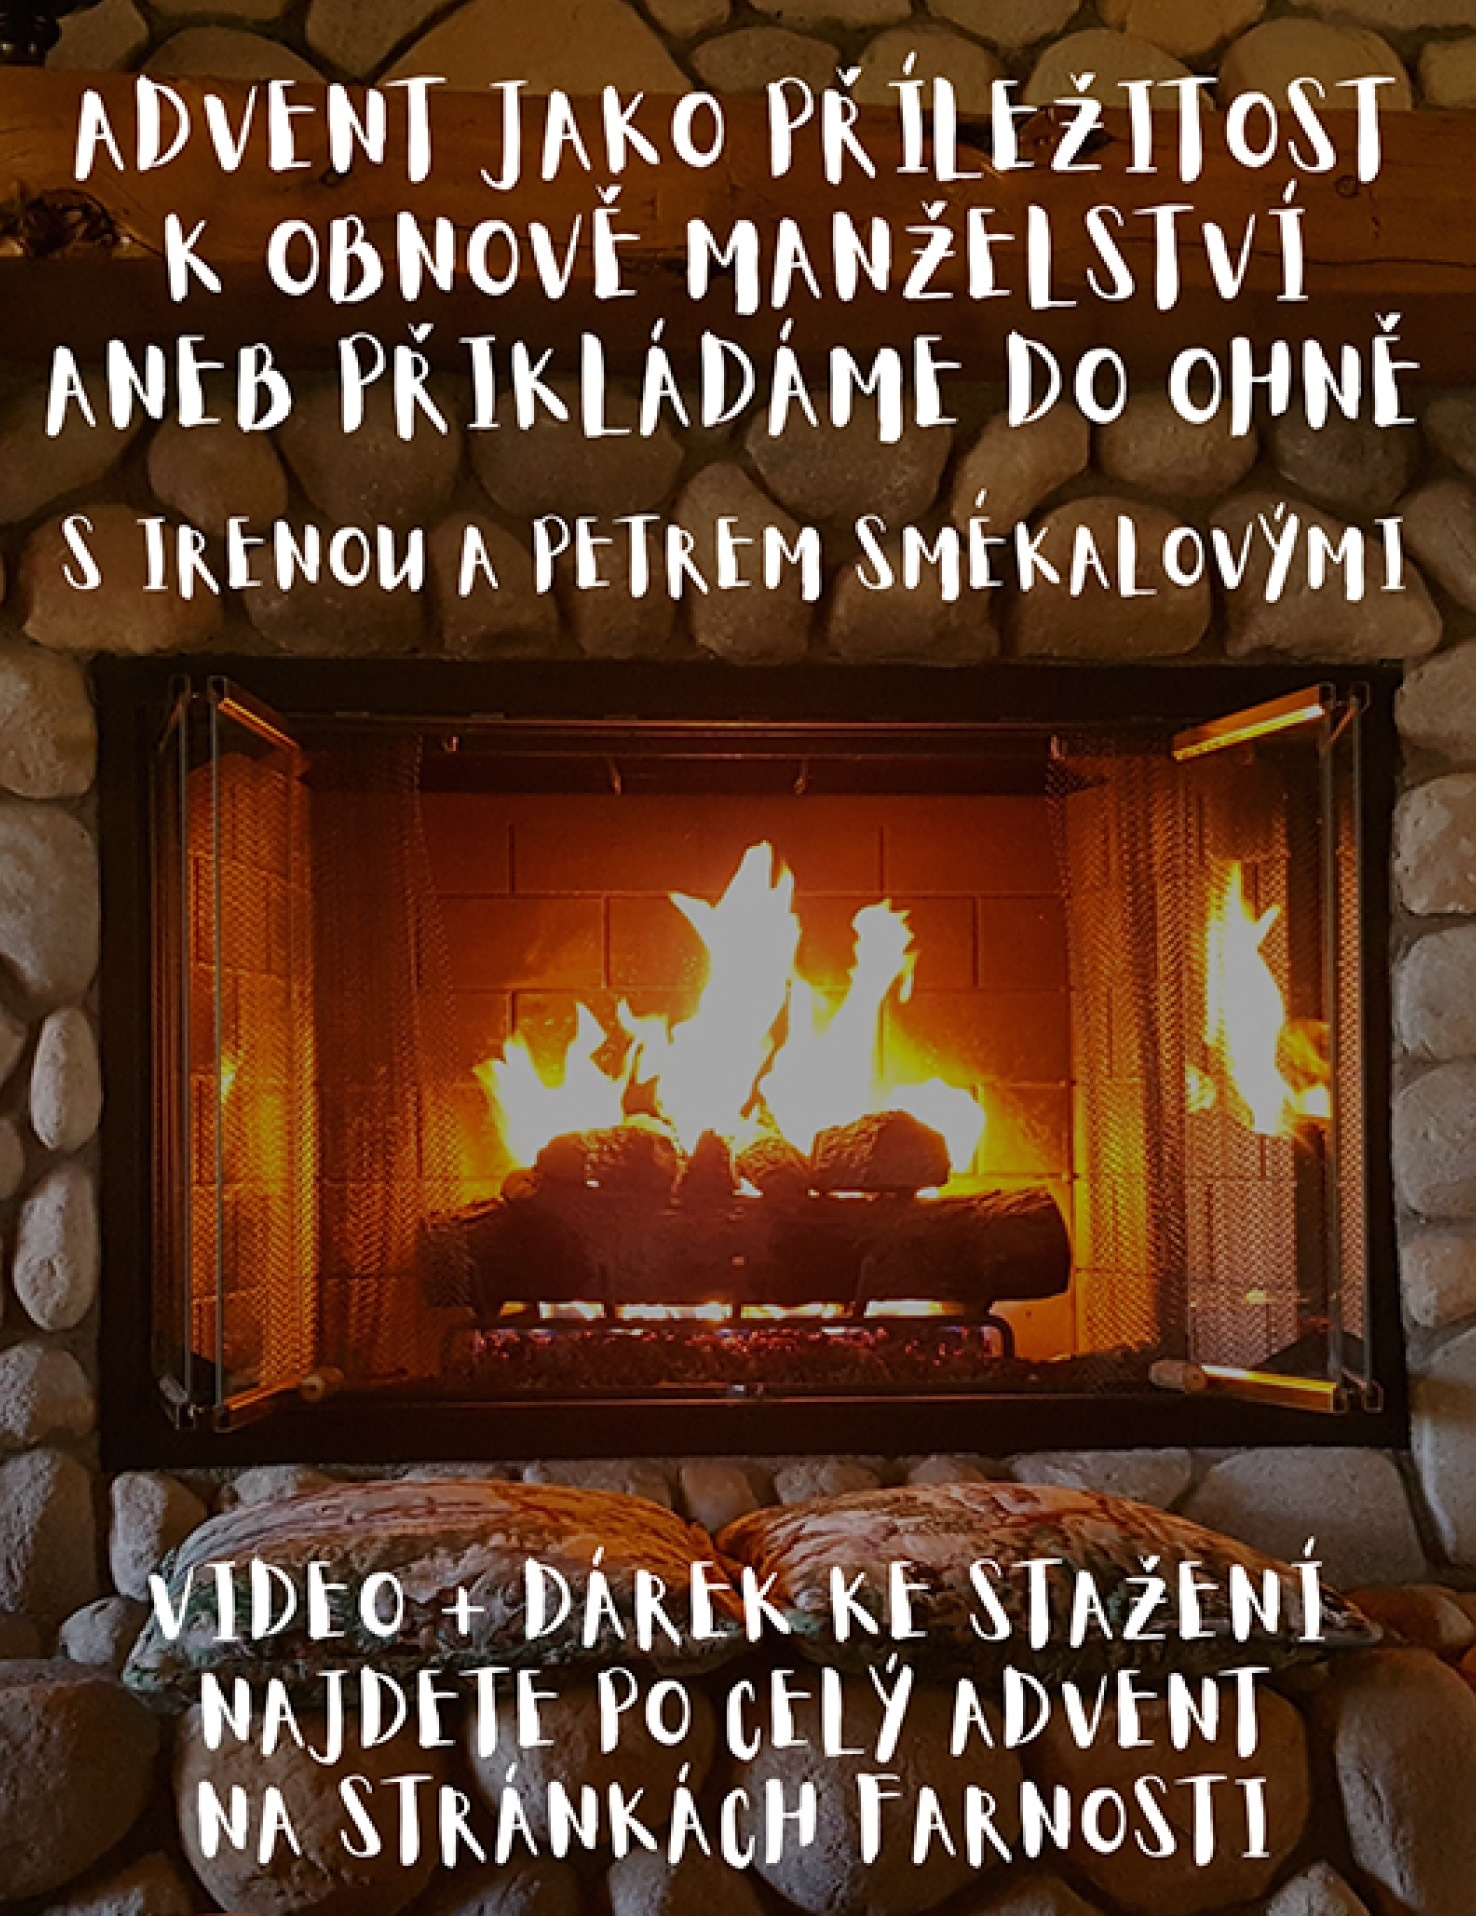 Přikládání do ohně - pozvánka